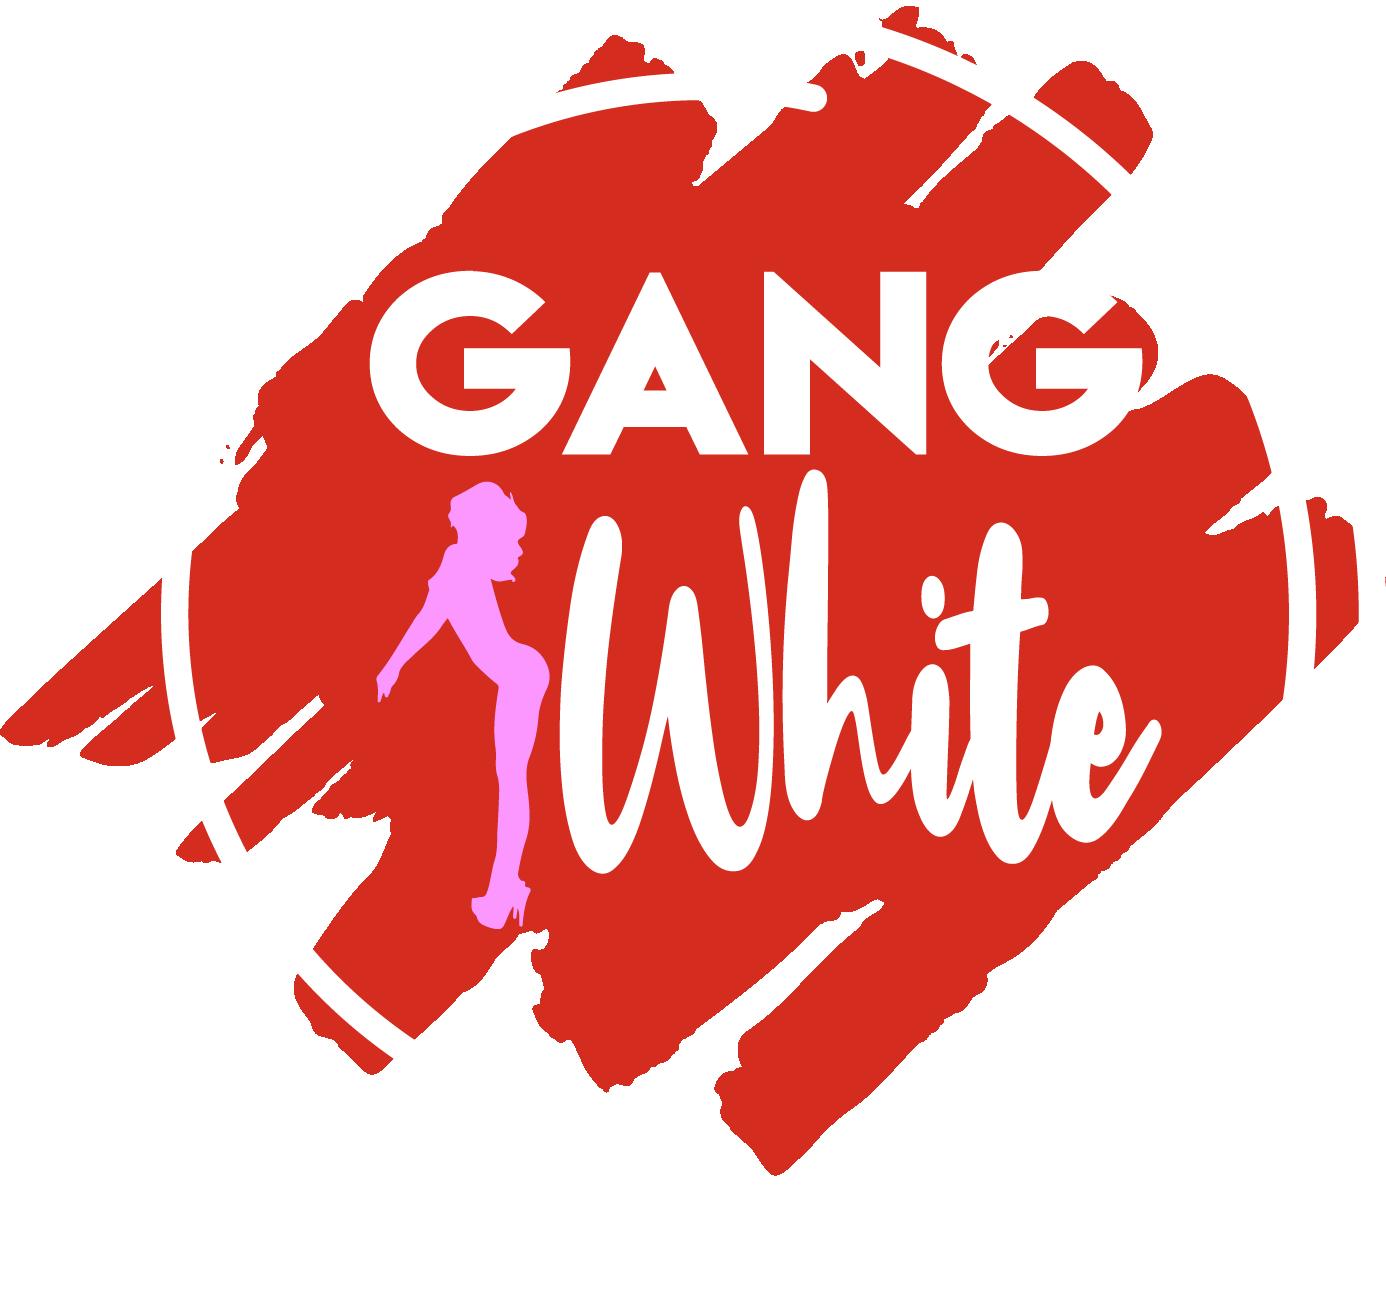 Gangwhite